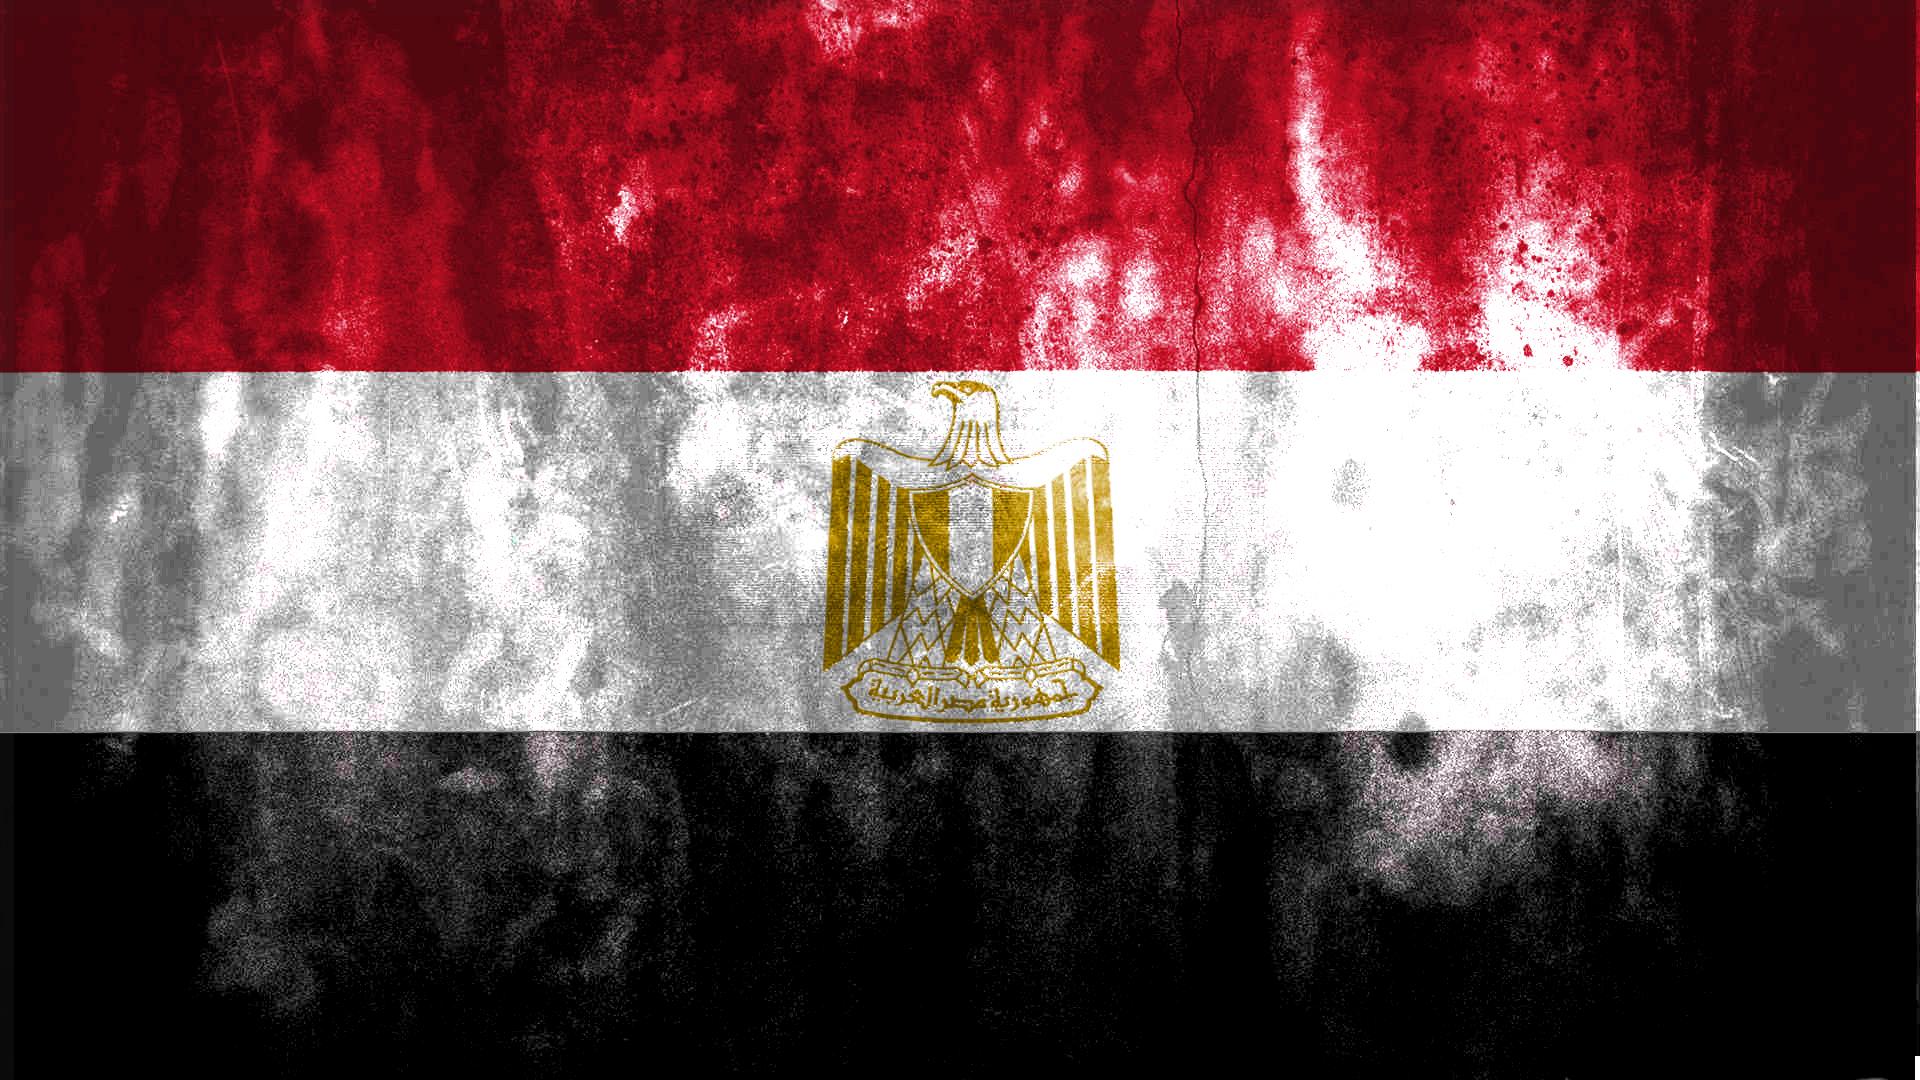 Flag of egypt wallpapers in 3d by gultalibk on deviantart for 3d wallpaper for home egypt